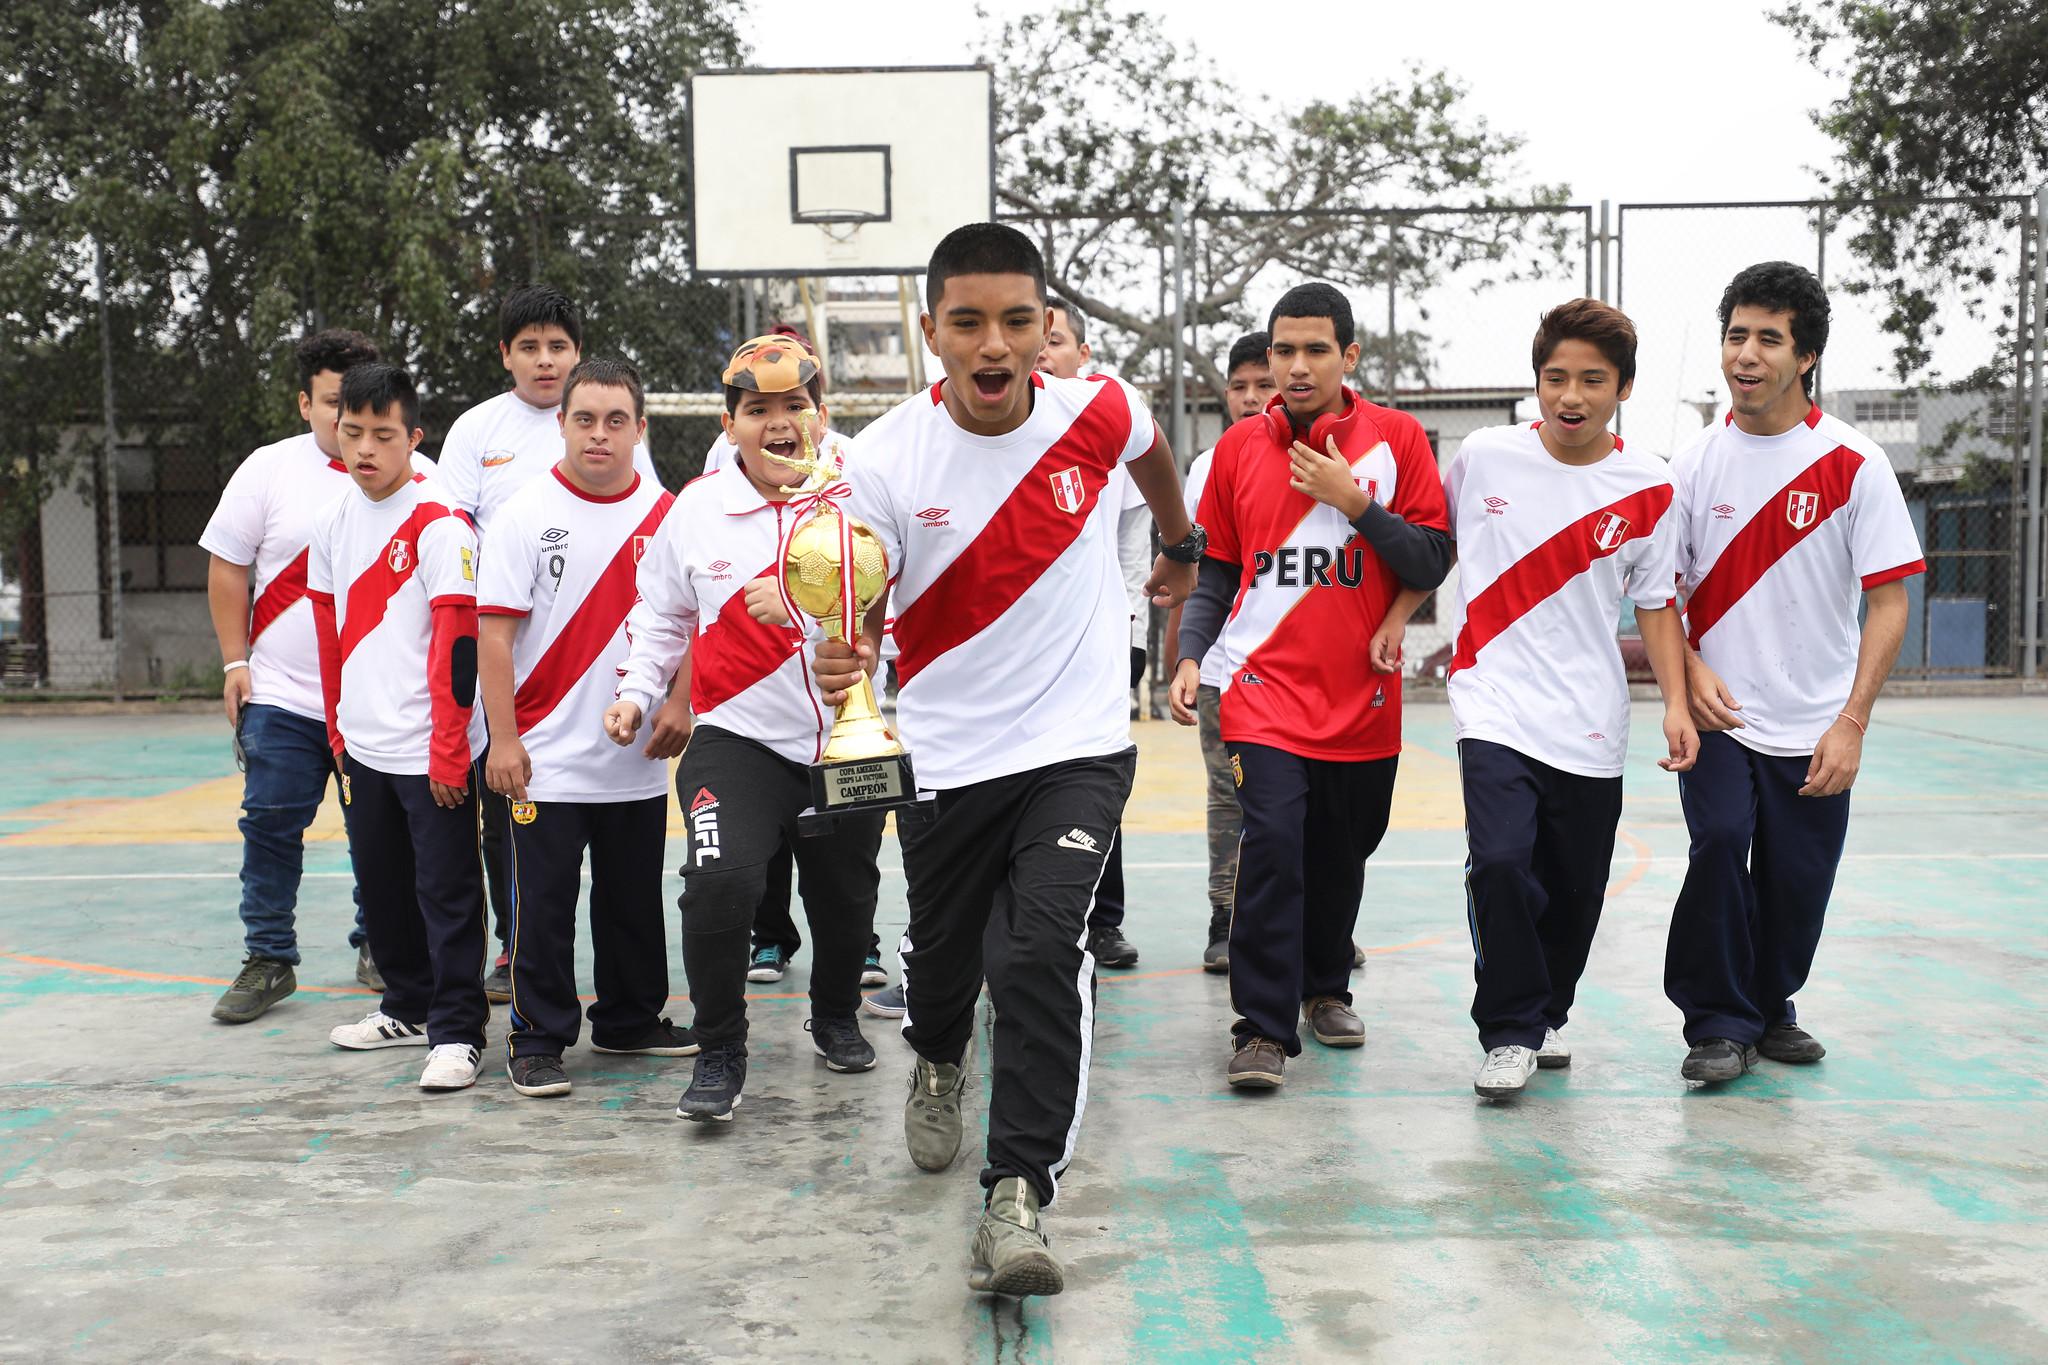 Personas con discapacidad envían mensaje de aliento a selección peruana para ganar la Copa América